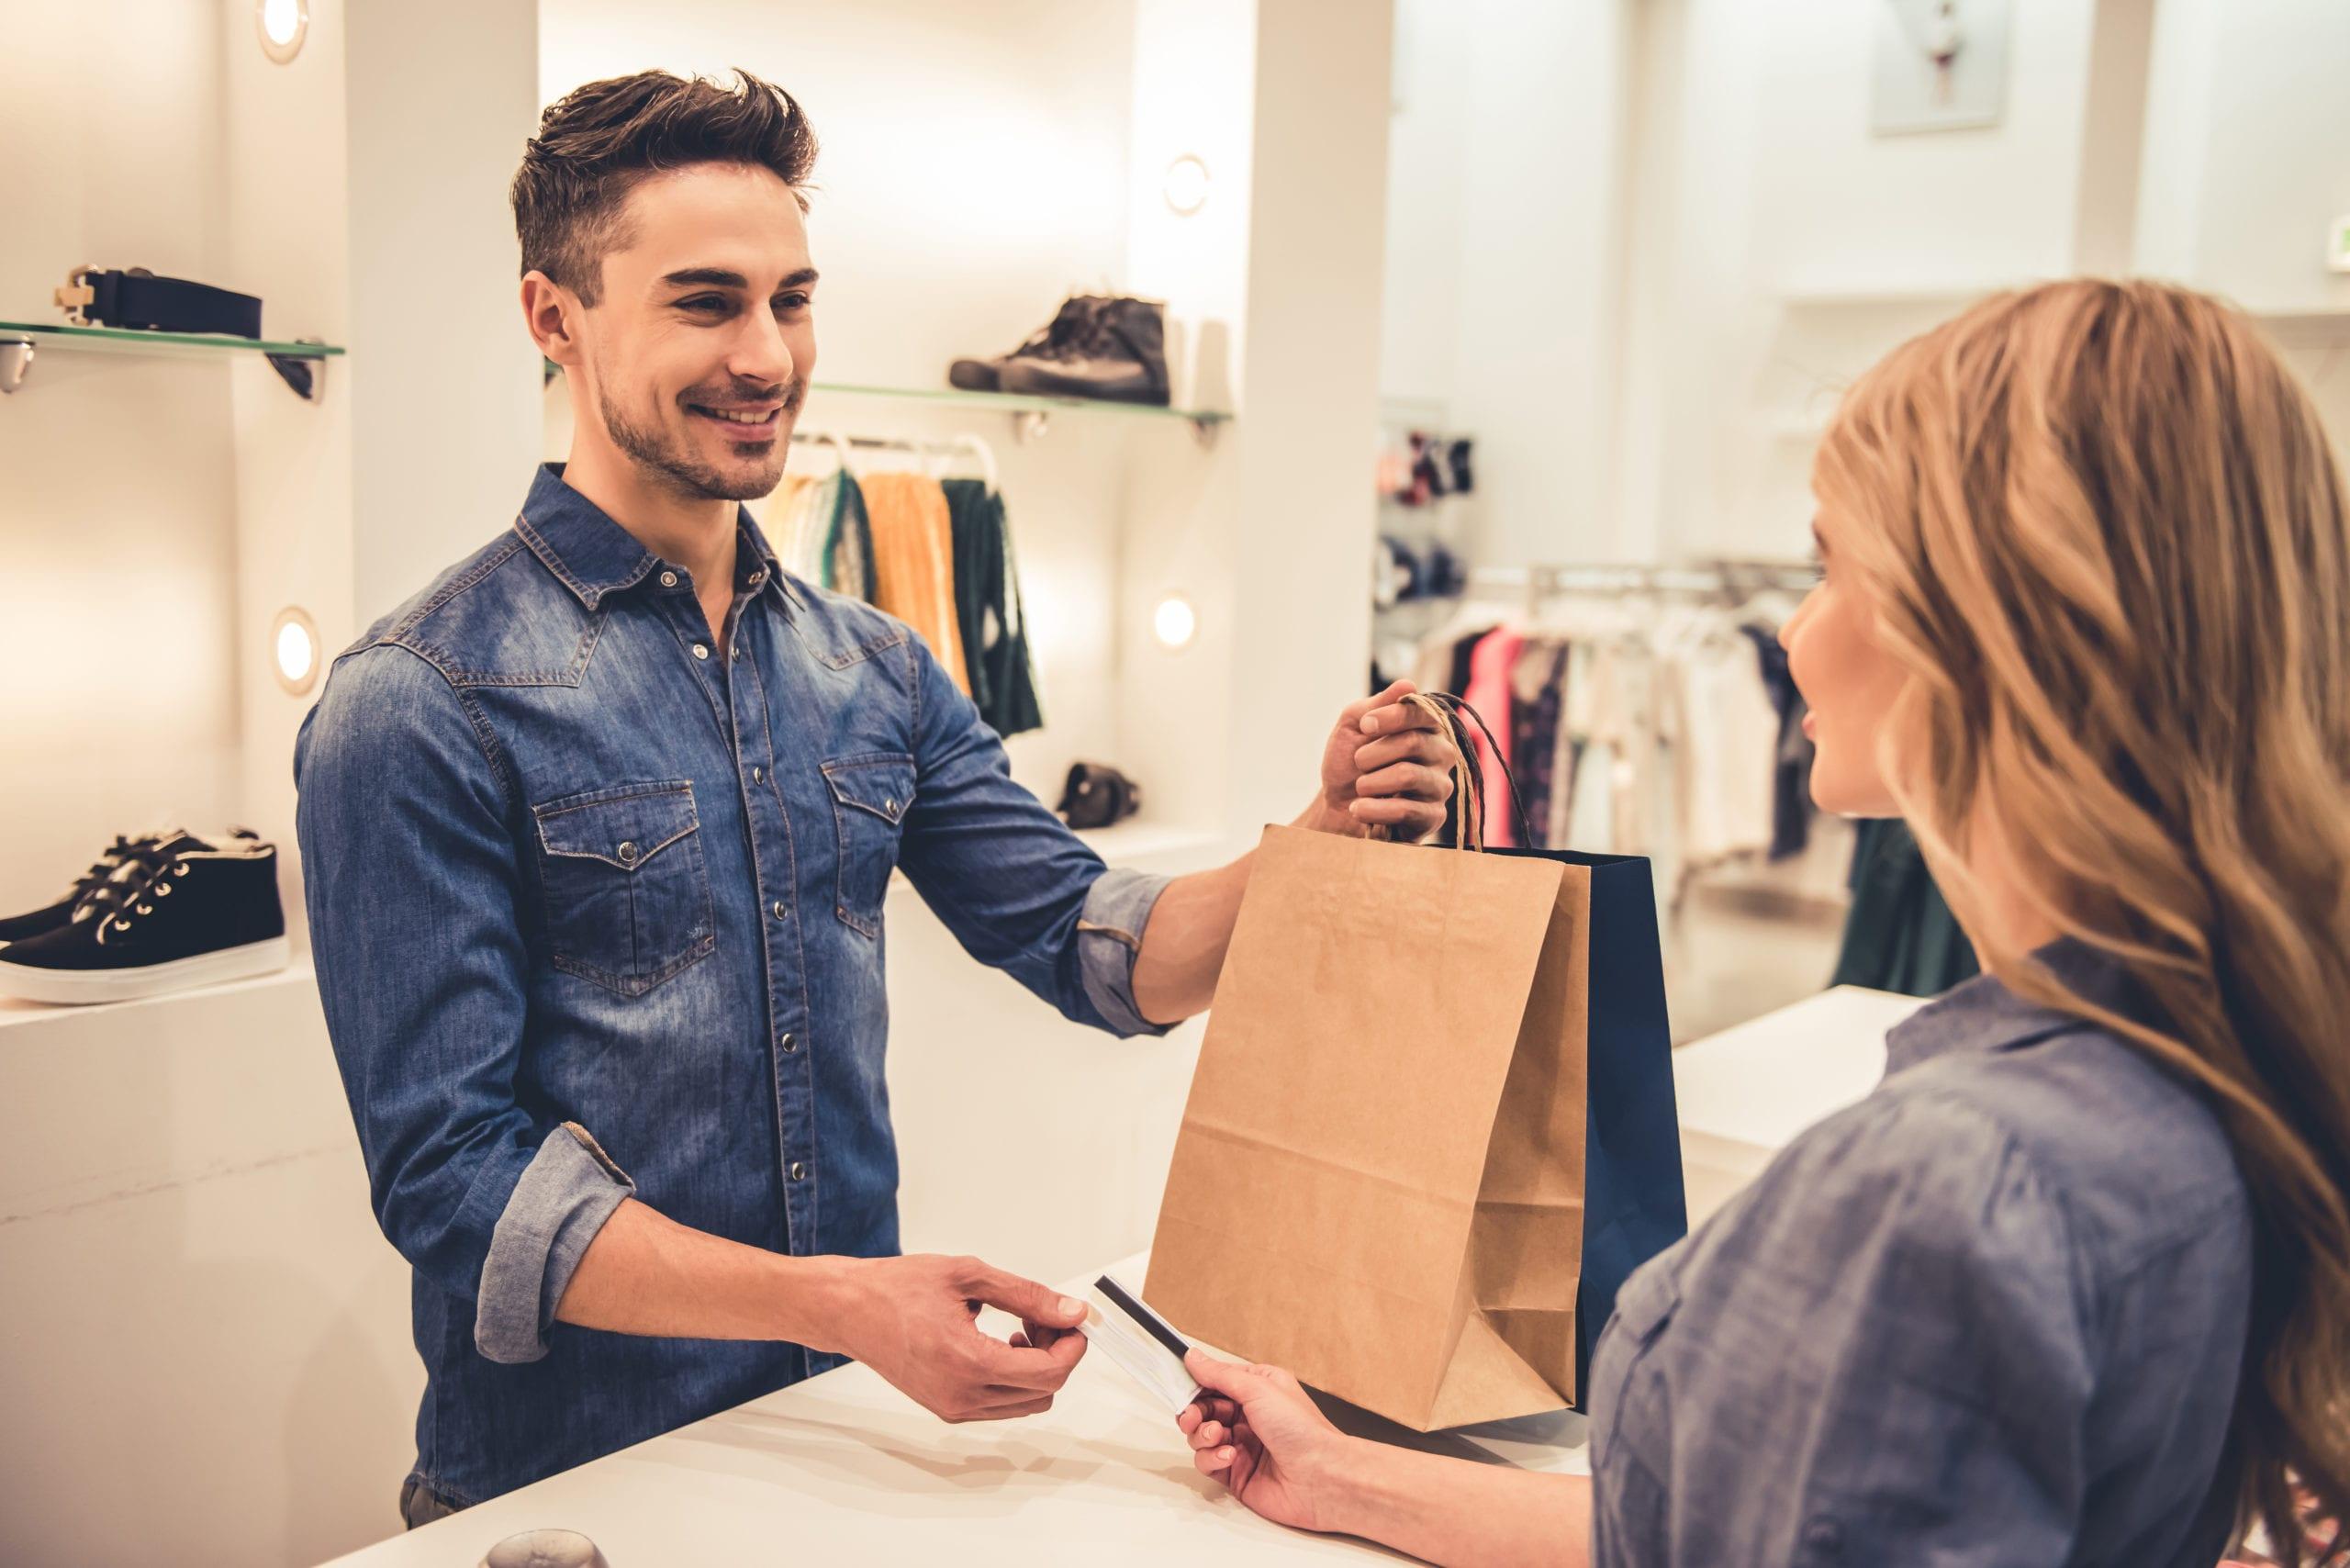 Retail clienteling